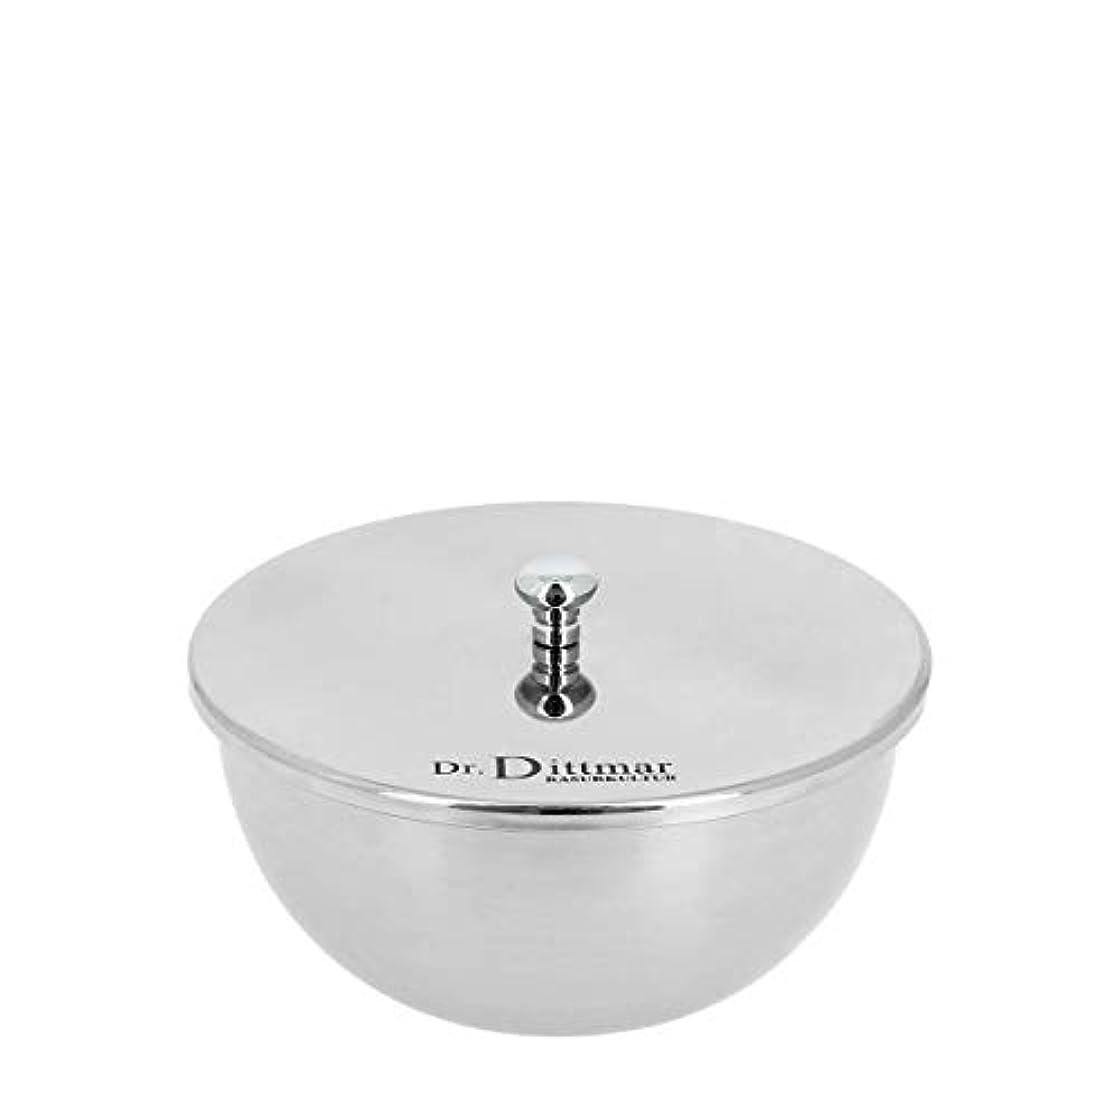 避難急いで受粉するDR.ディットマー シェービングボウル(シェービングソープと蓋付き)(9001)[海外直送品]Dr. Dittmar Shaving Bowl with Shaving Soap and Lid (9001) [並行輸入品]